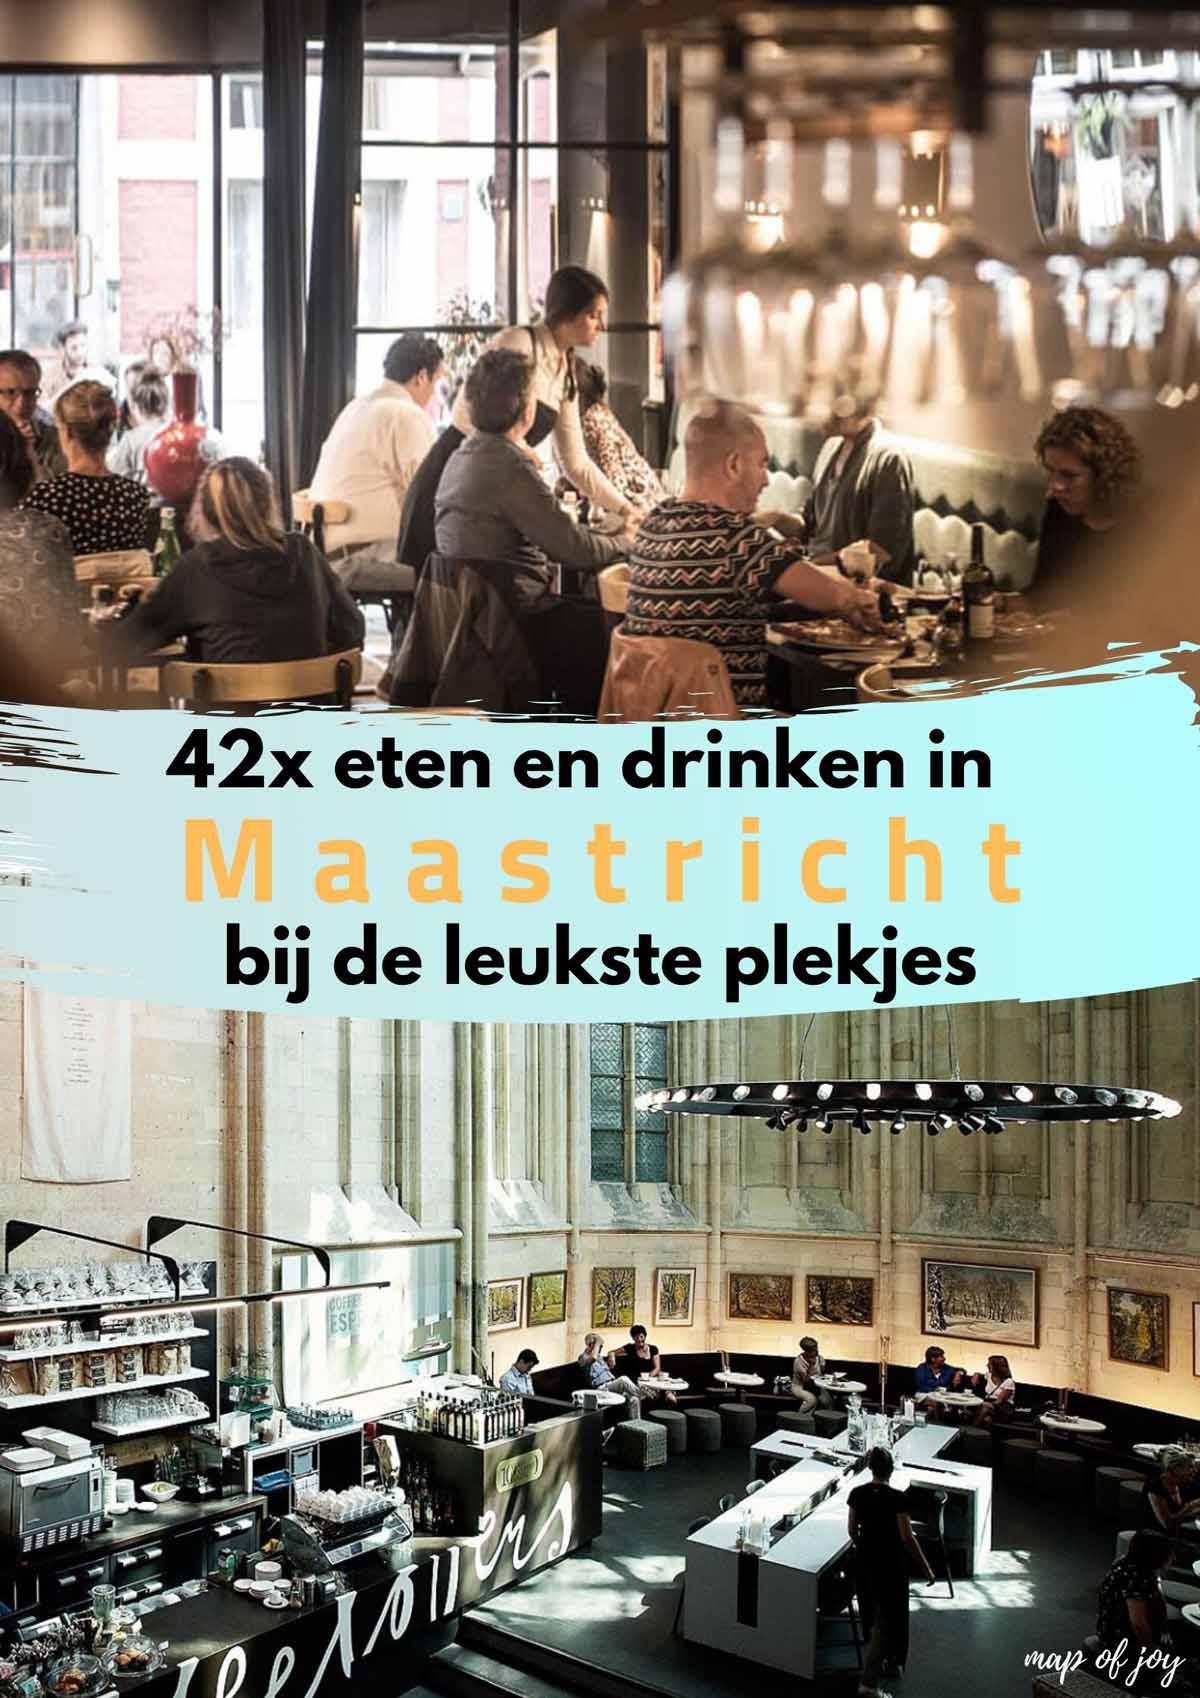 42x eten en drinken in Maastricht bij de leukste plekjes - Map of Joy